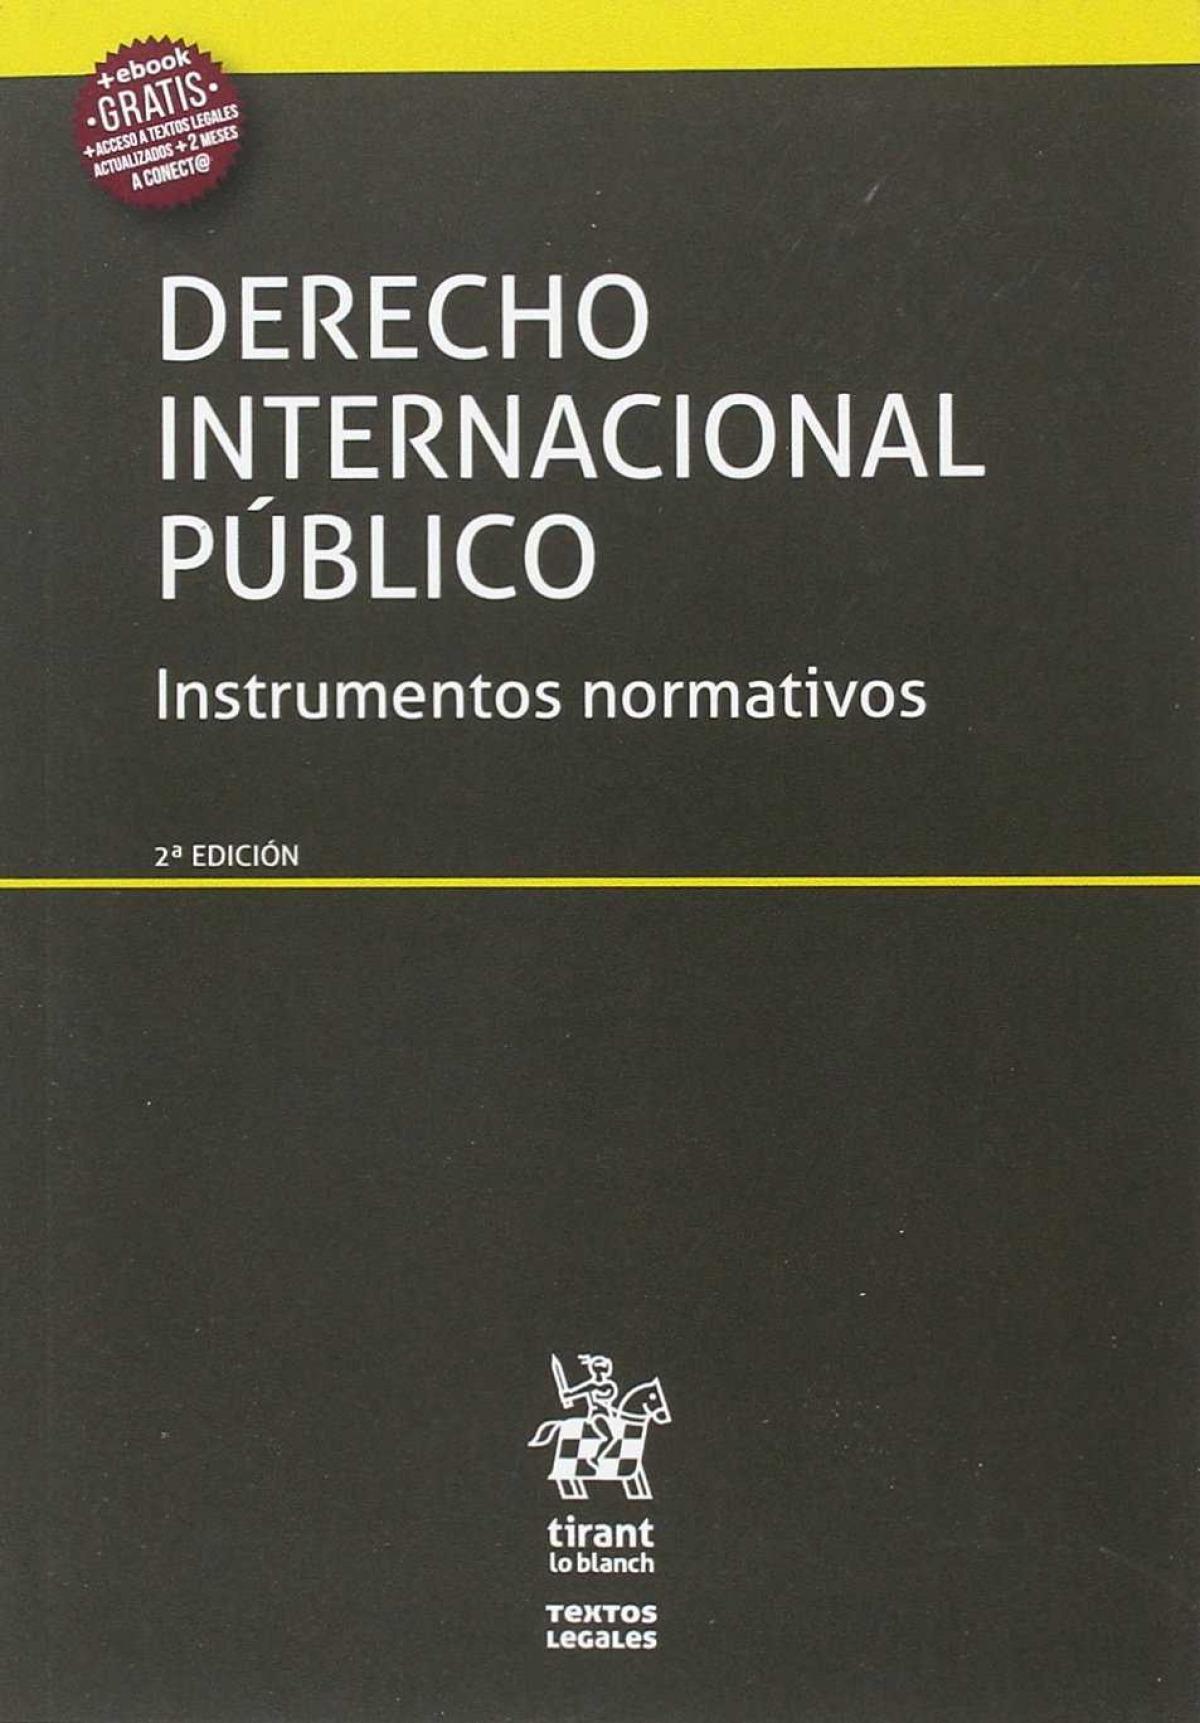 DERECHO INTERNACIONAL PÚBLICO 9788491692294